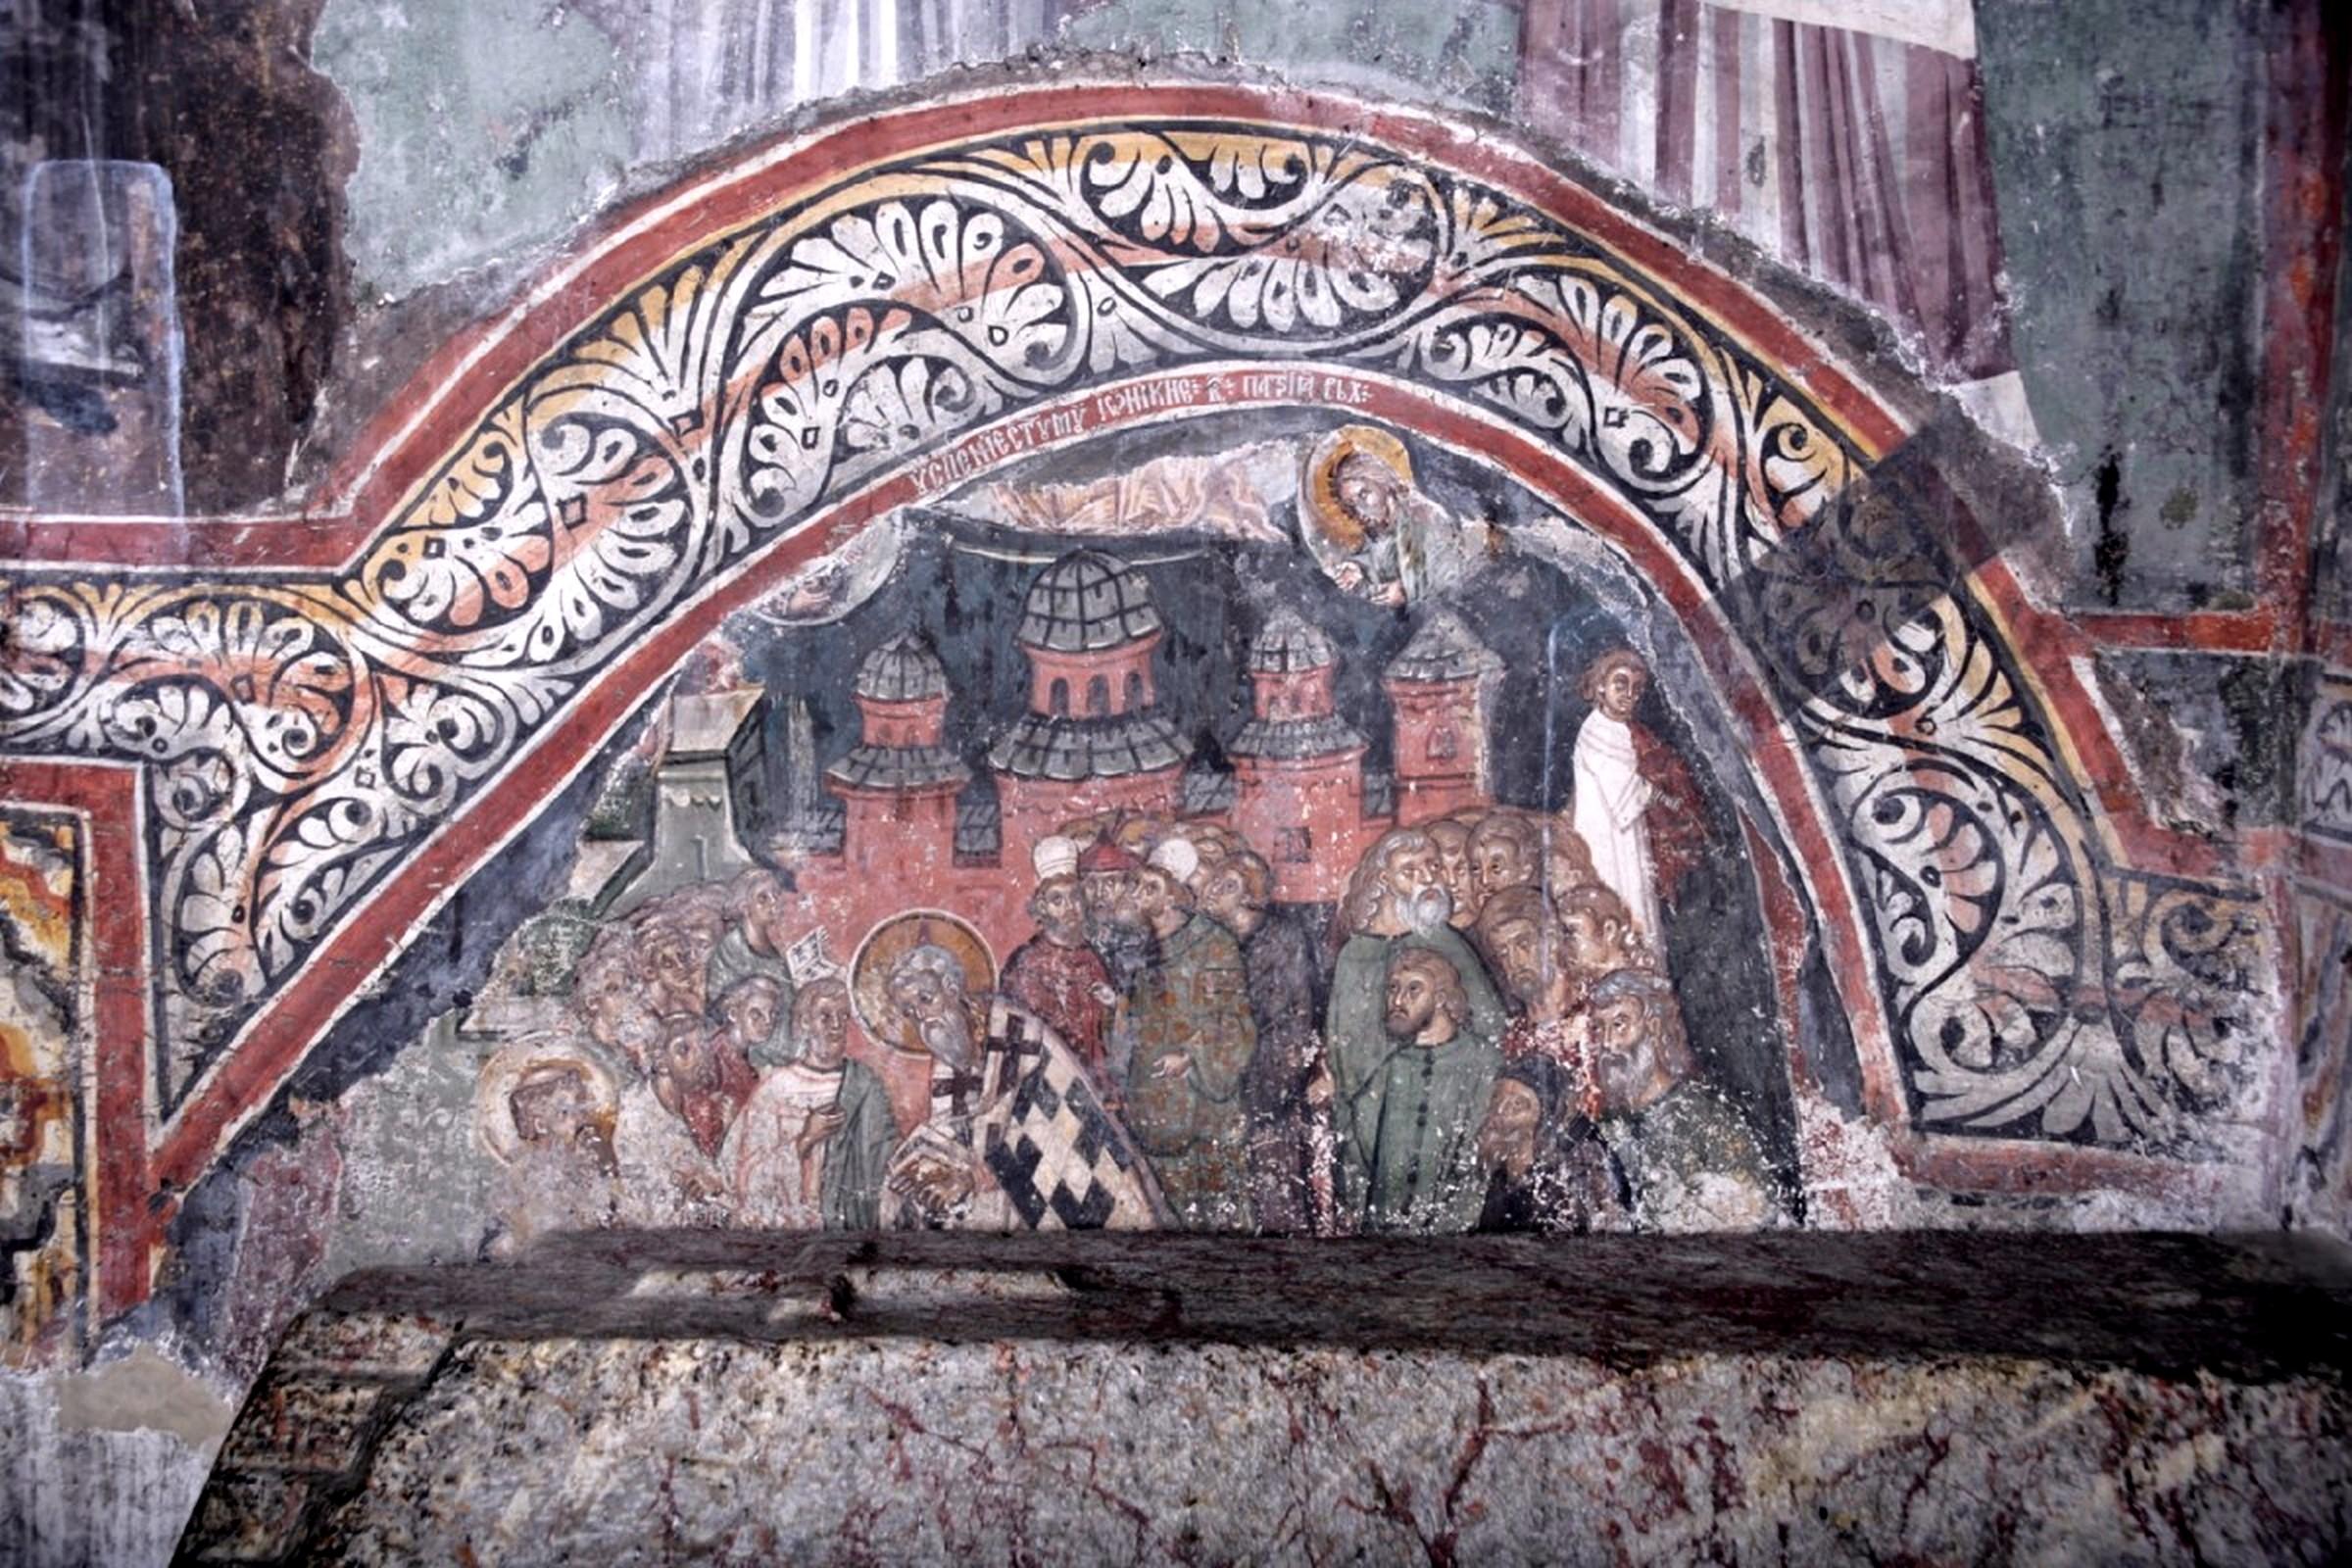 Успение Святителя Иоанникия II, Патриарха Сербского. Фреска над гробницей Святителя в Печской Патриархии, Косово, Сербия. Около 1355 года.